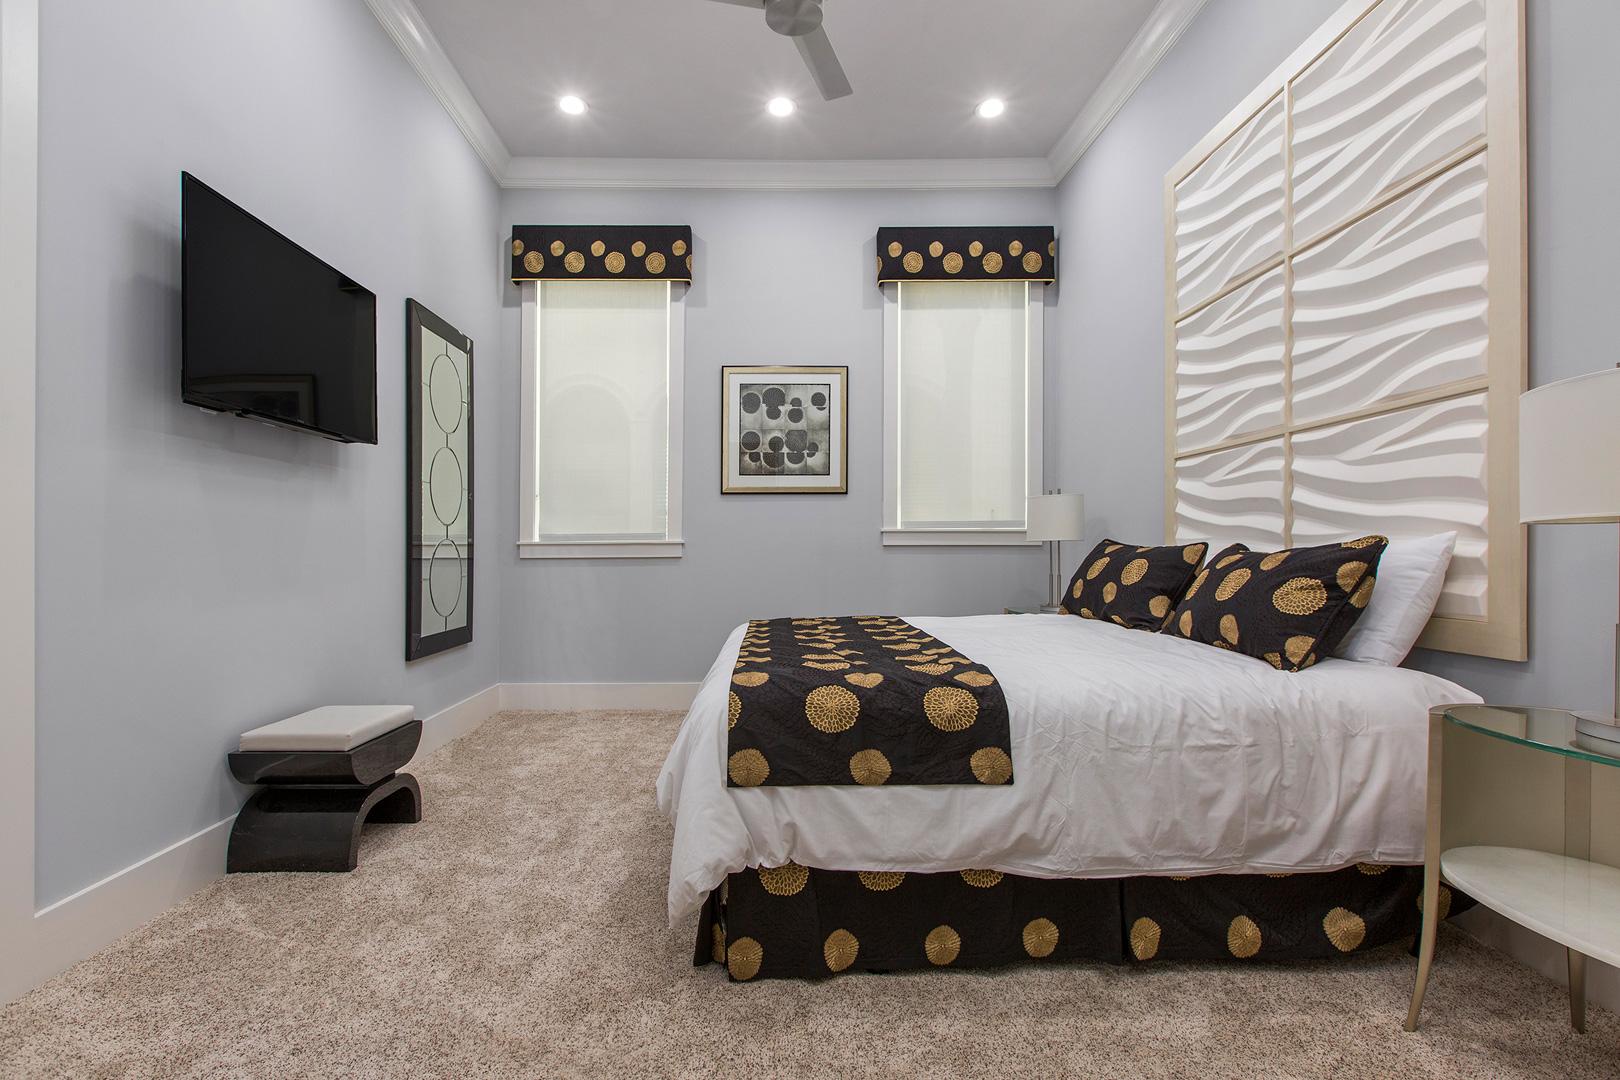 Bedrooms41